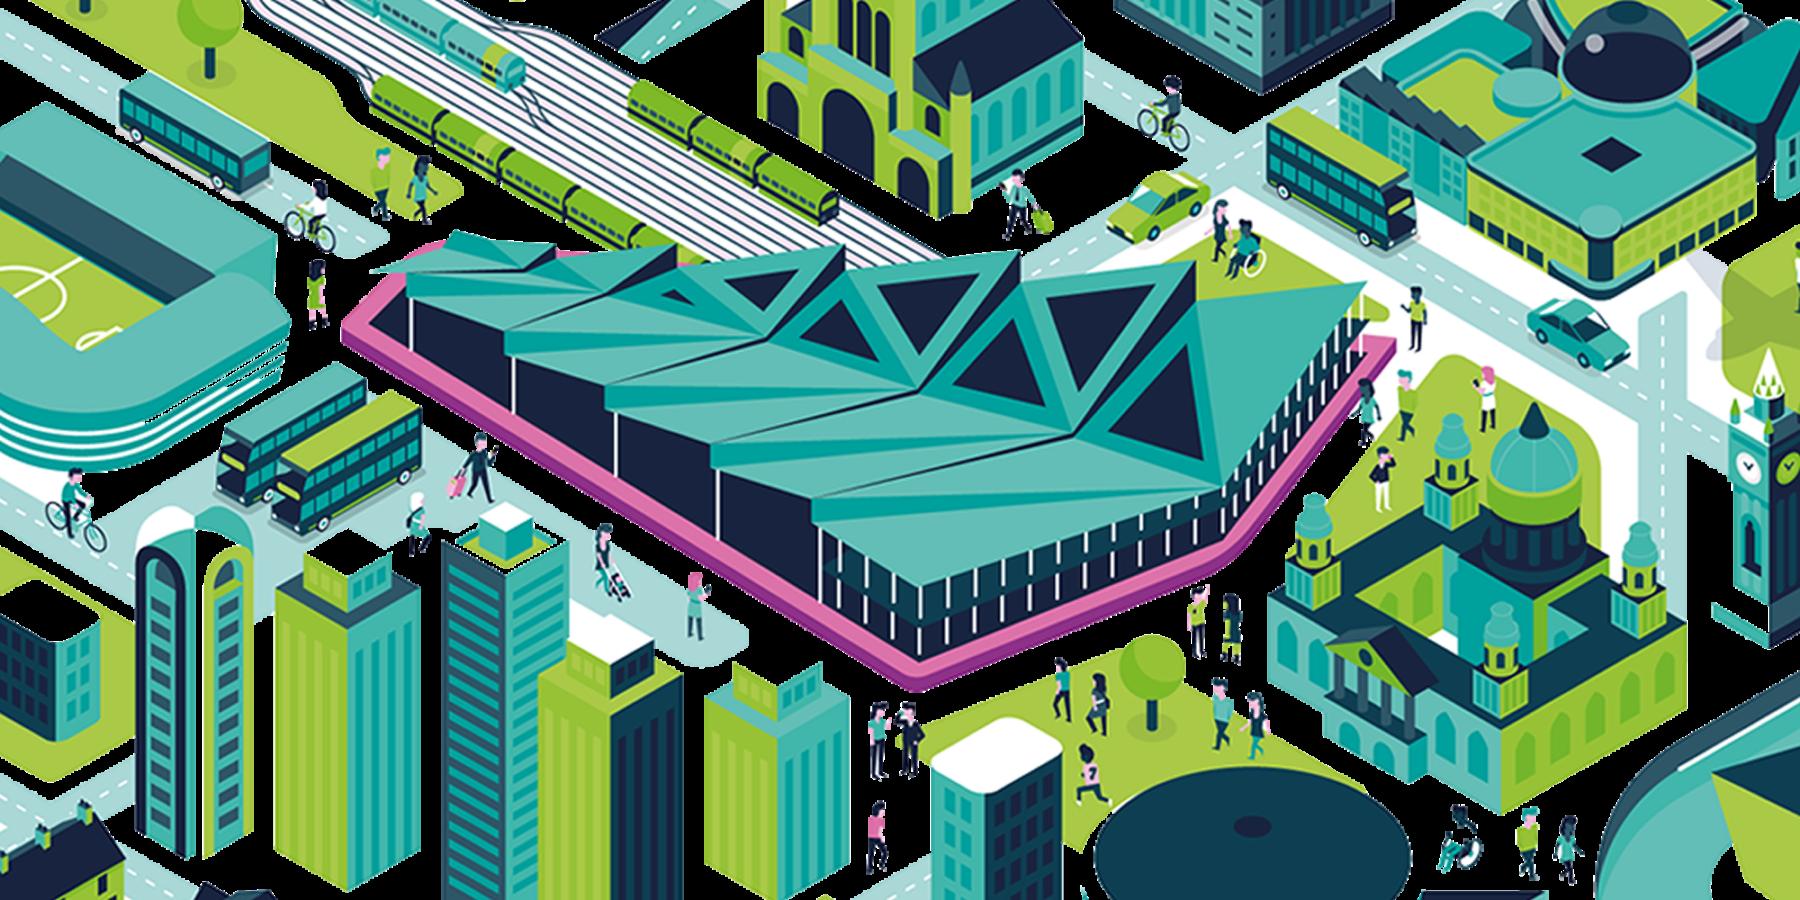 Belfast Transport Hub